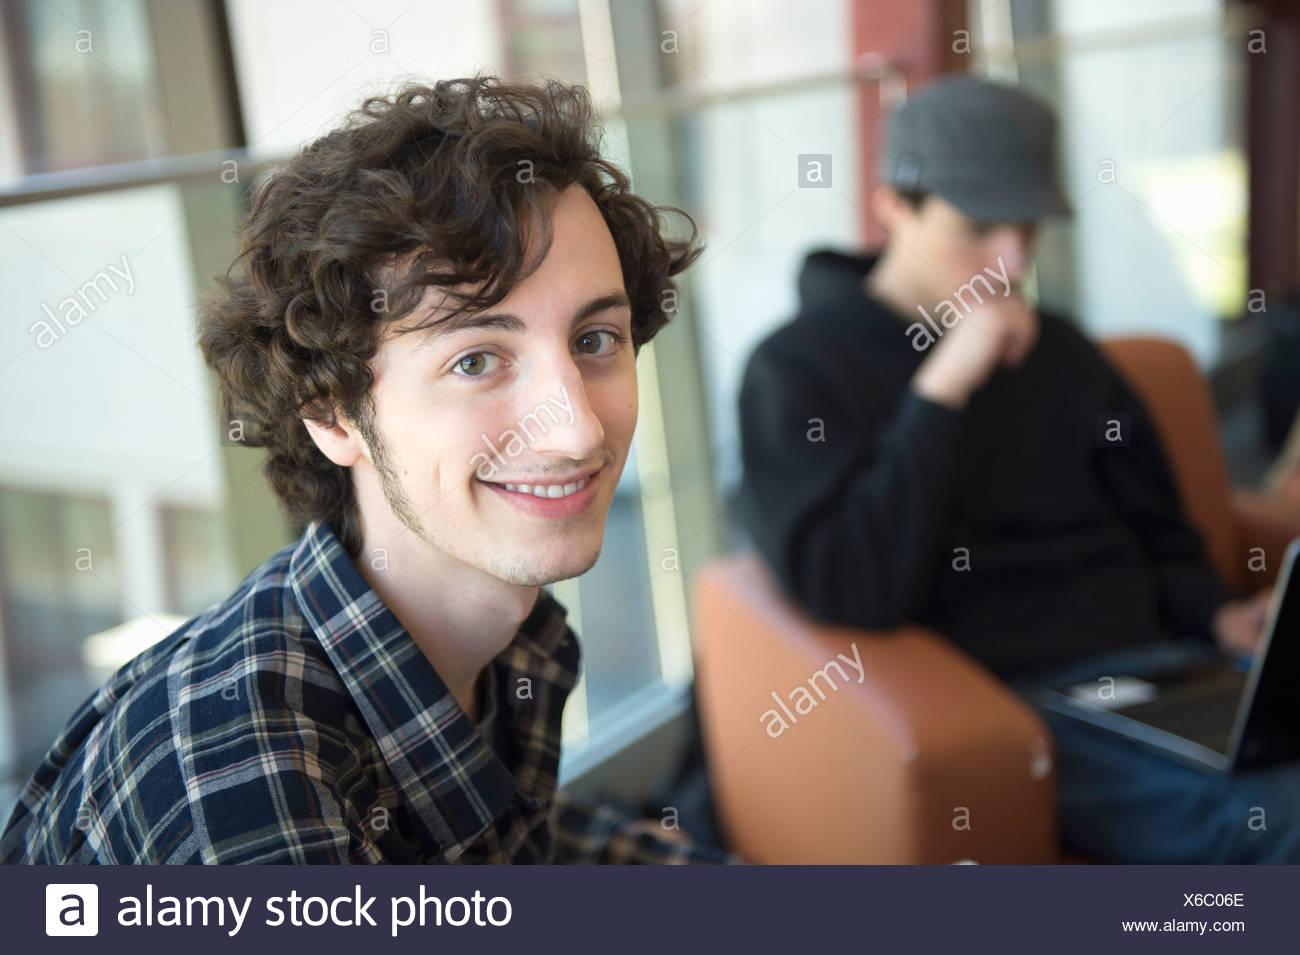 Student mit braunen lockigen Haaren, Porträt Stockbild